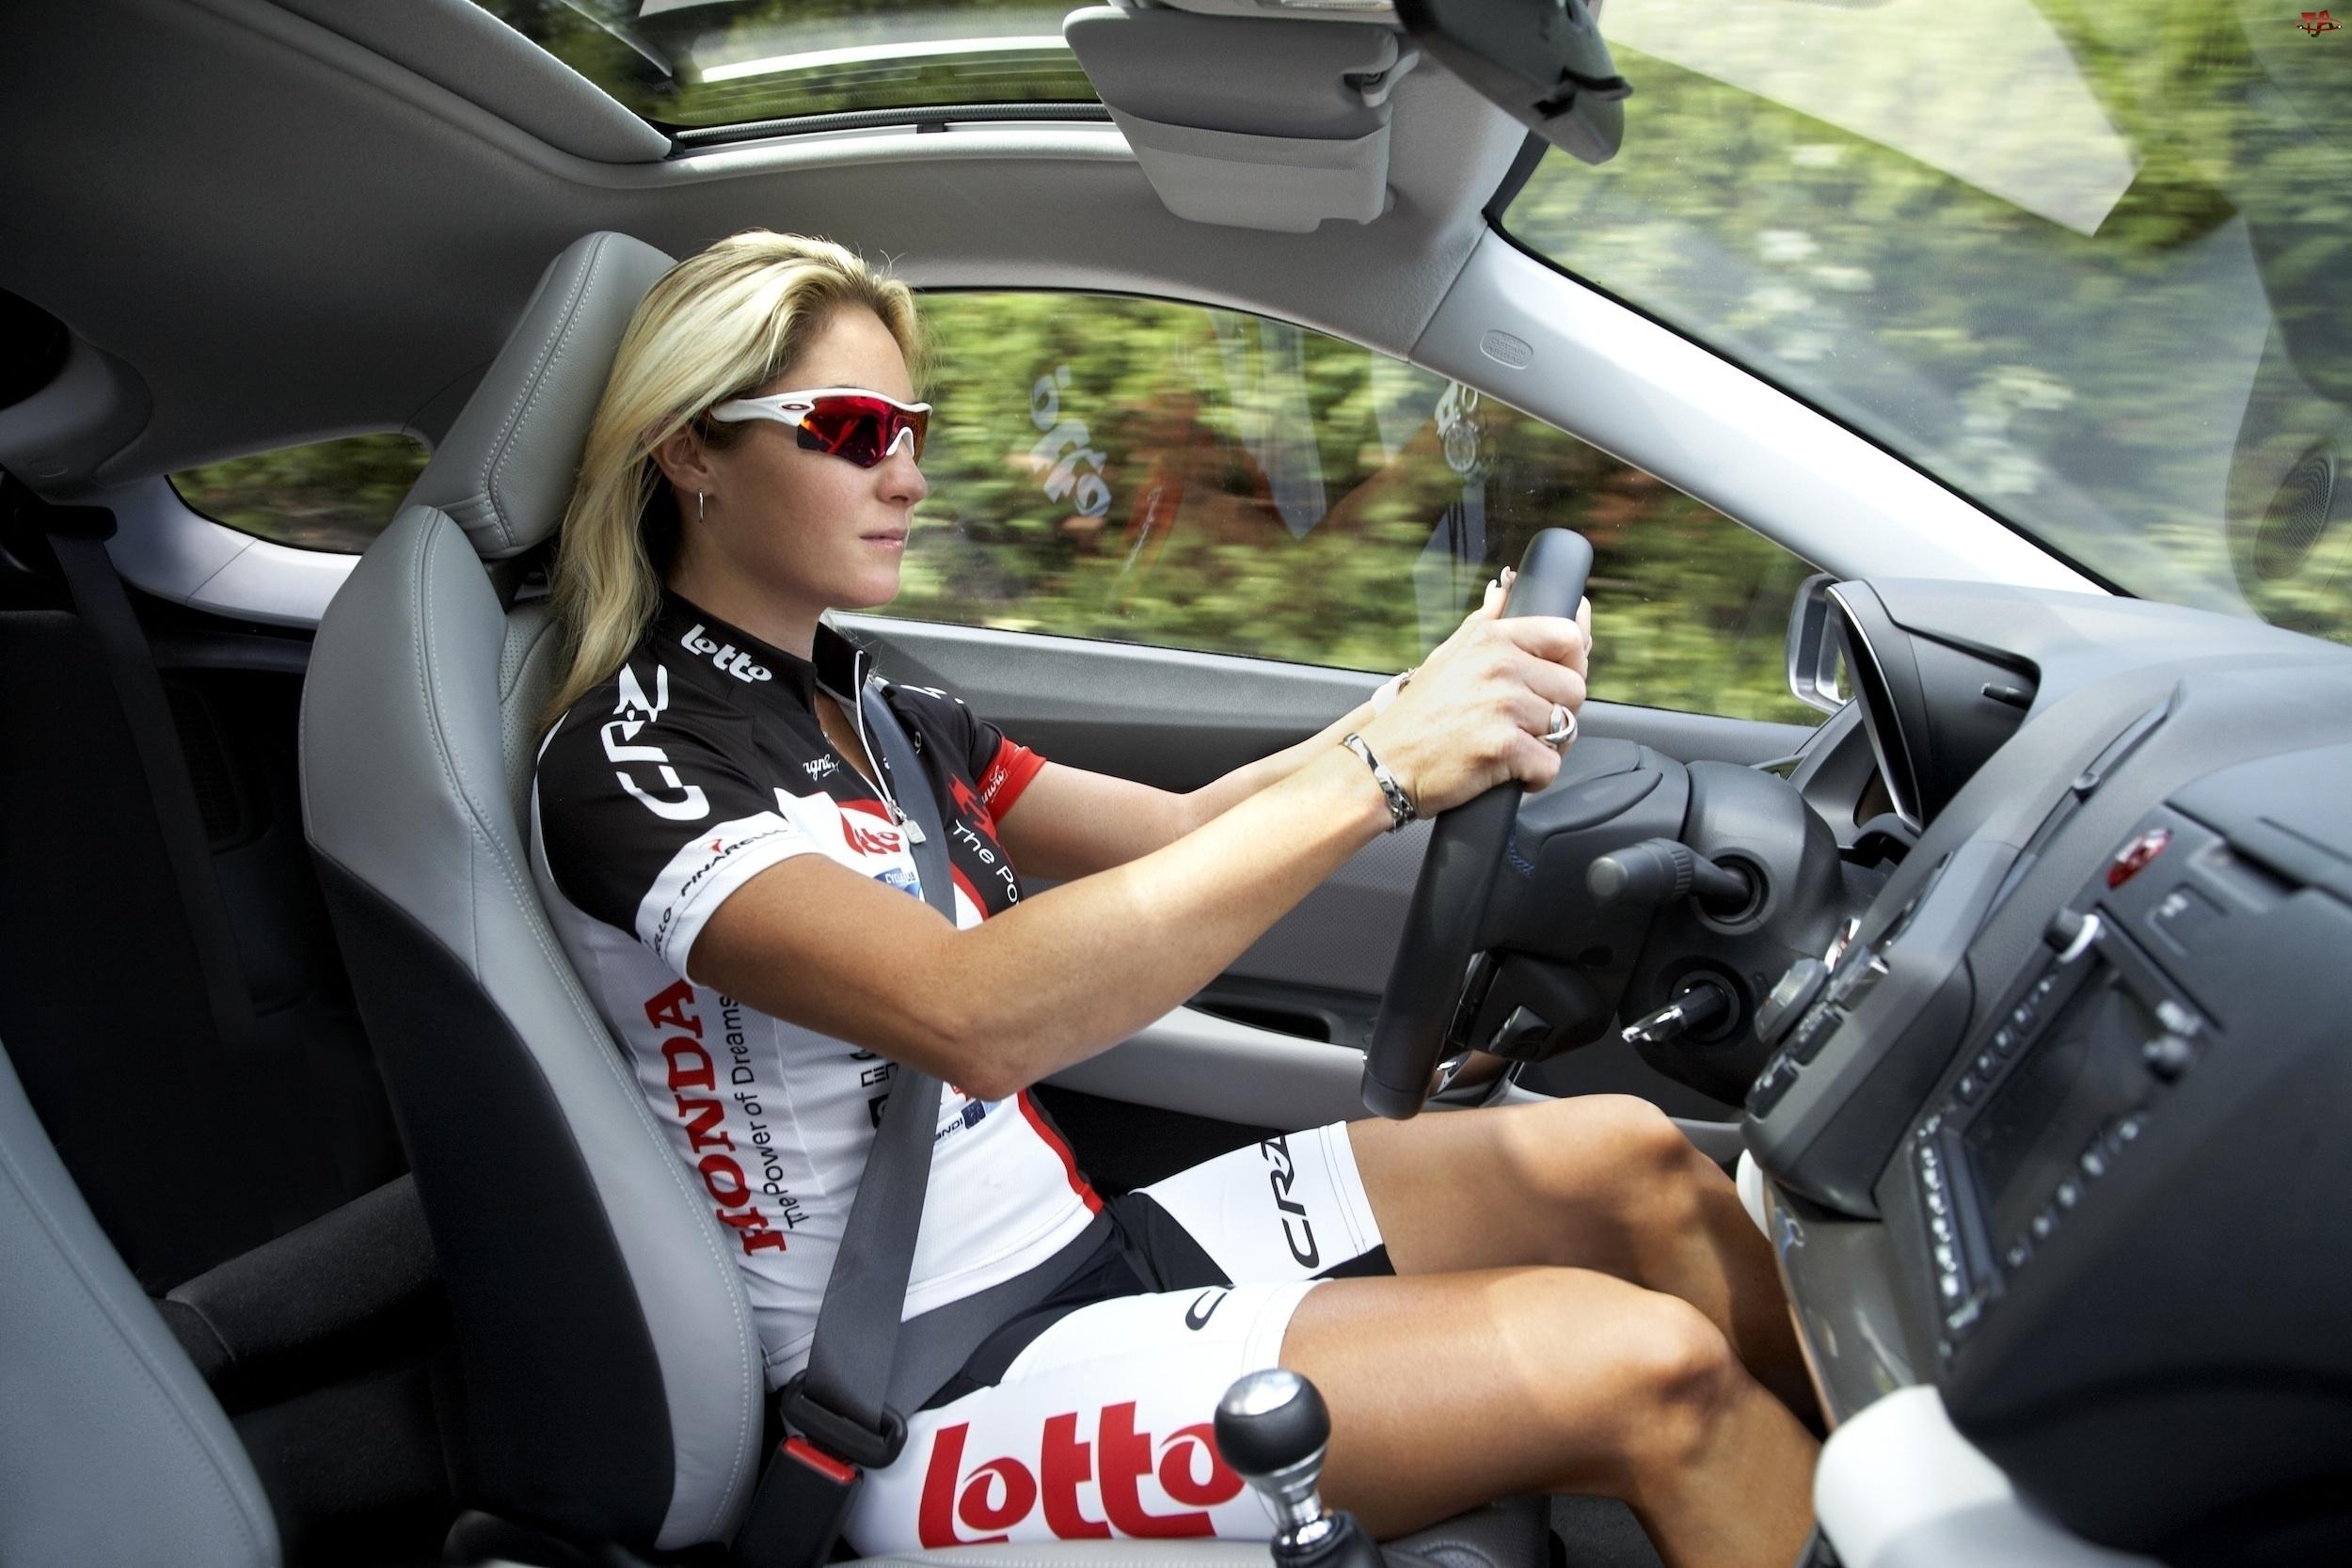 Honda CR-Z, Testowa, Kobieta, Jazda